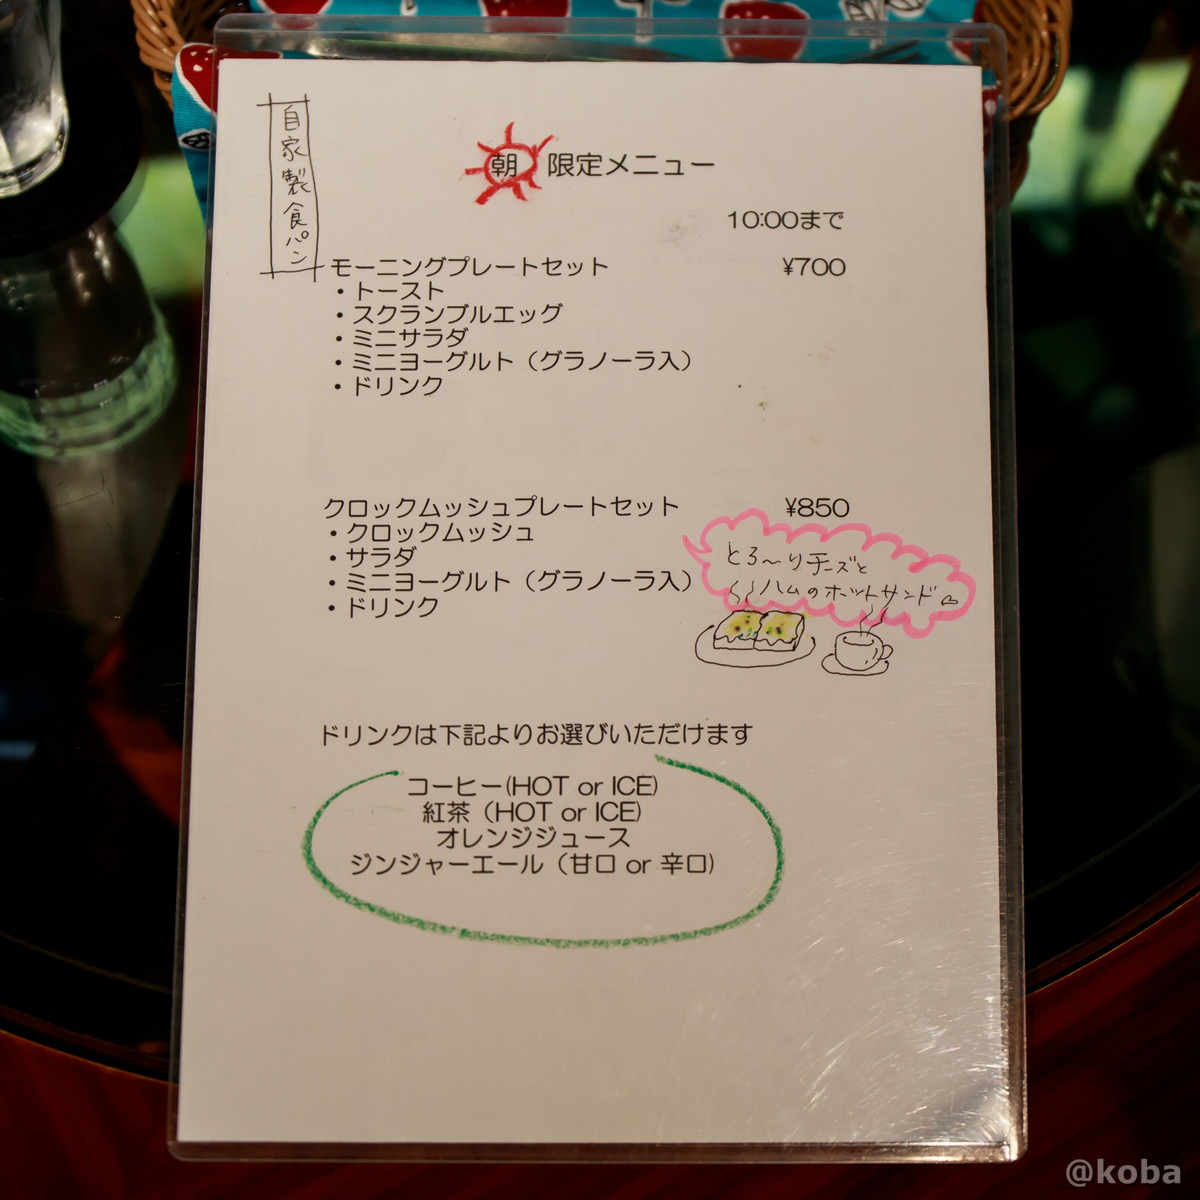 限定メニューの写真│カフェ・ドローム(CAFE・DROME)│群馬県富岡市